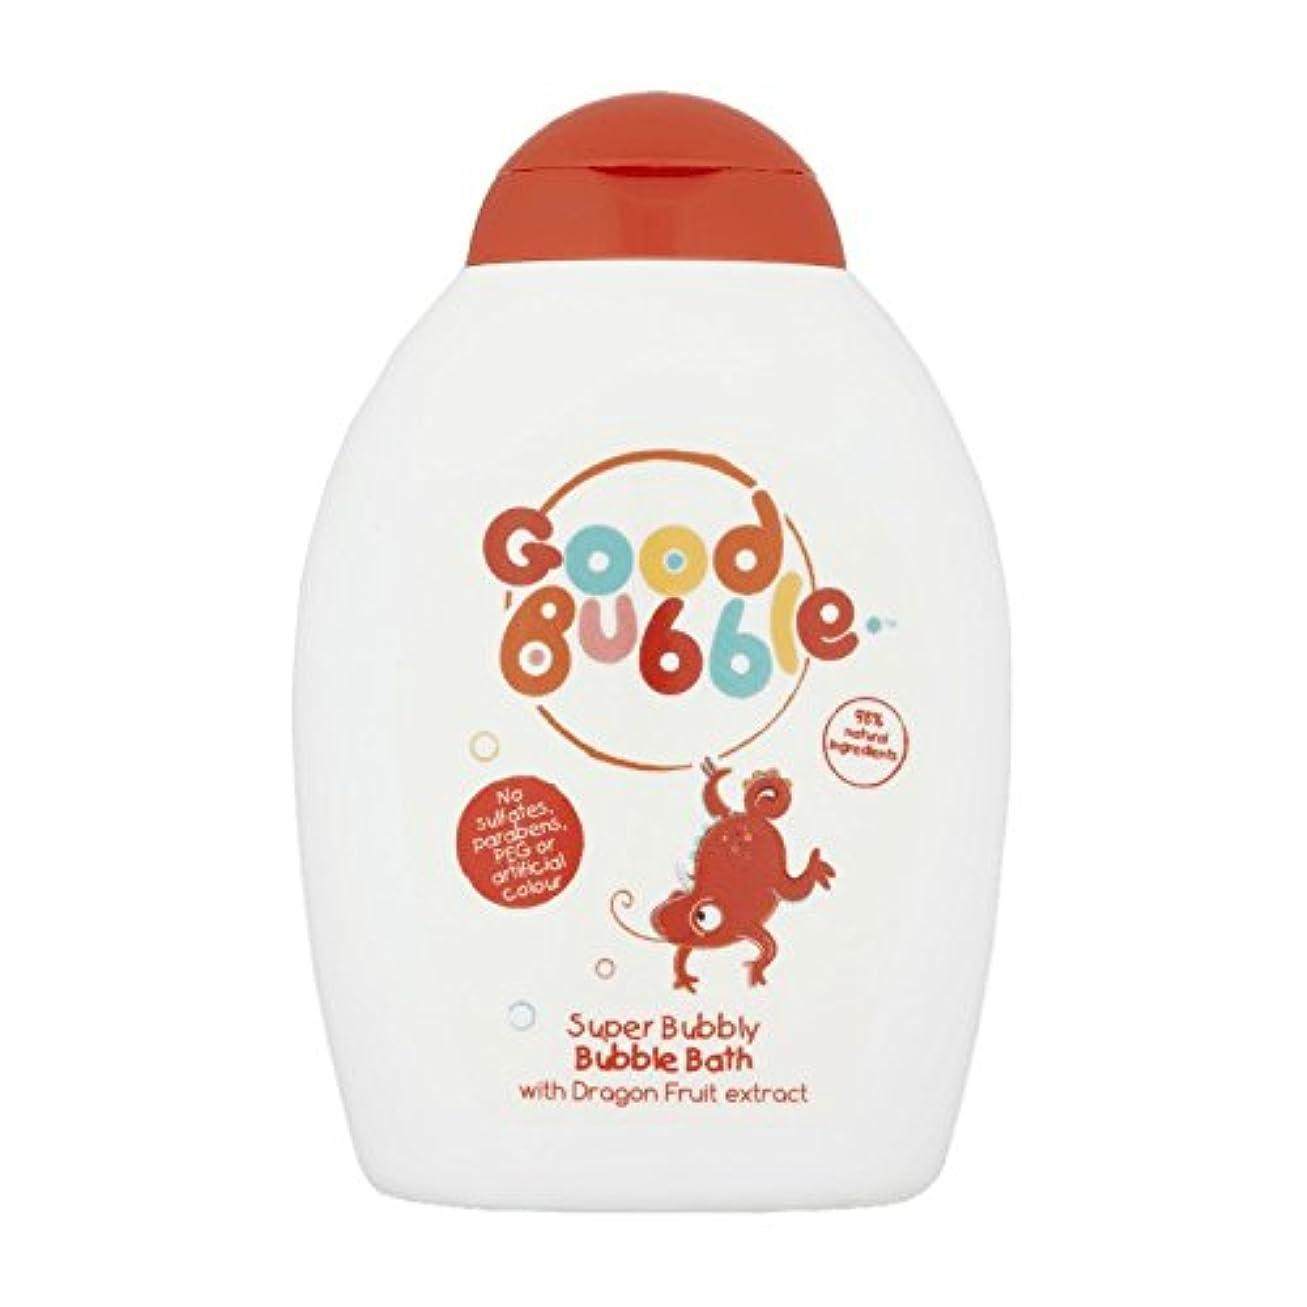 Good Bubble Dragon Fruit Bubble Bath 400ml (Pack of 2) - 良いバブルドラゴンフルーツバブルバス400ミリリットル (x2) [並行輸入品]